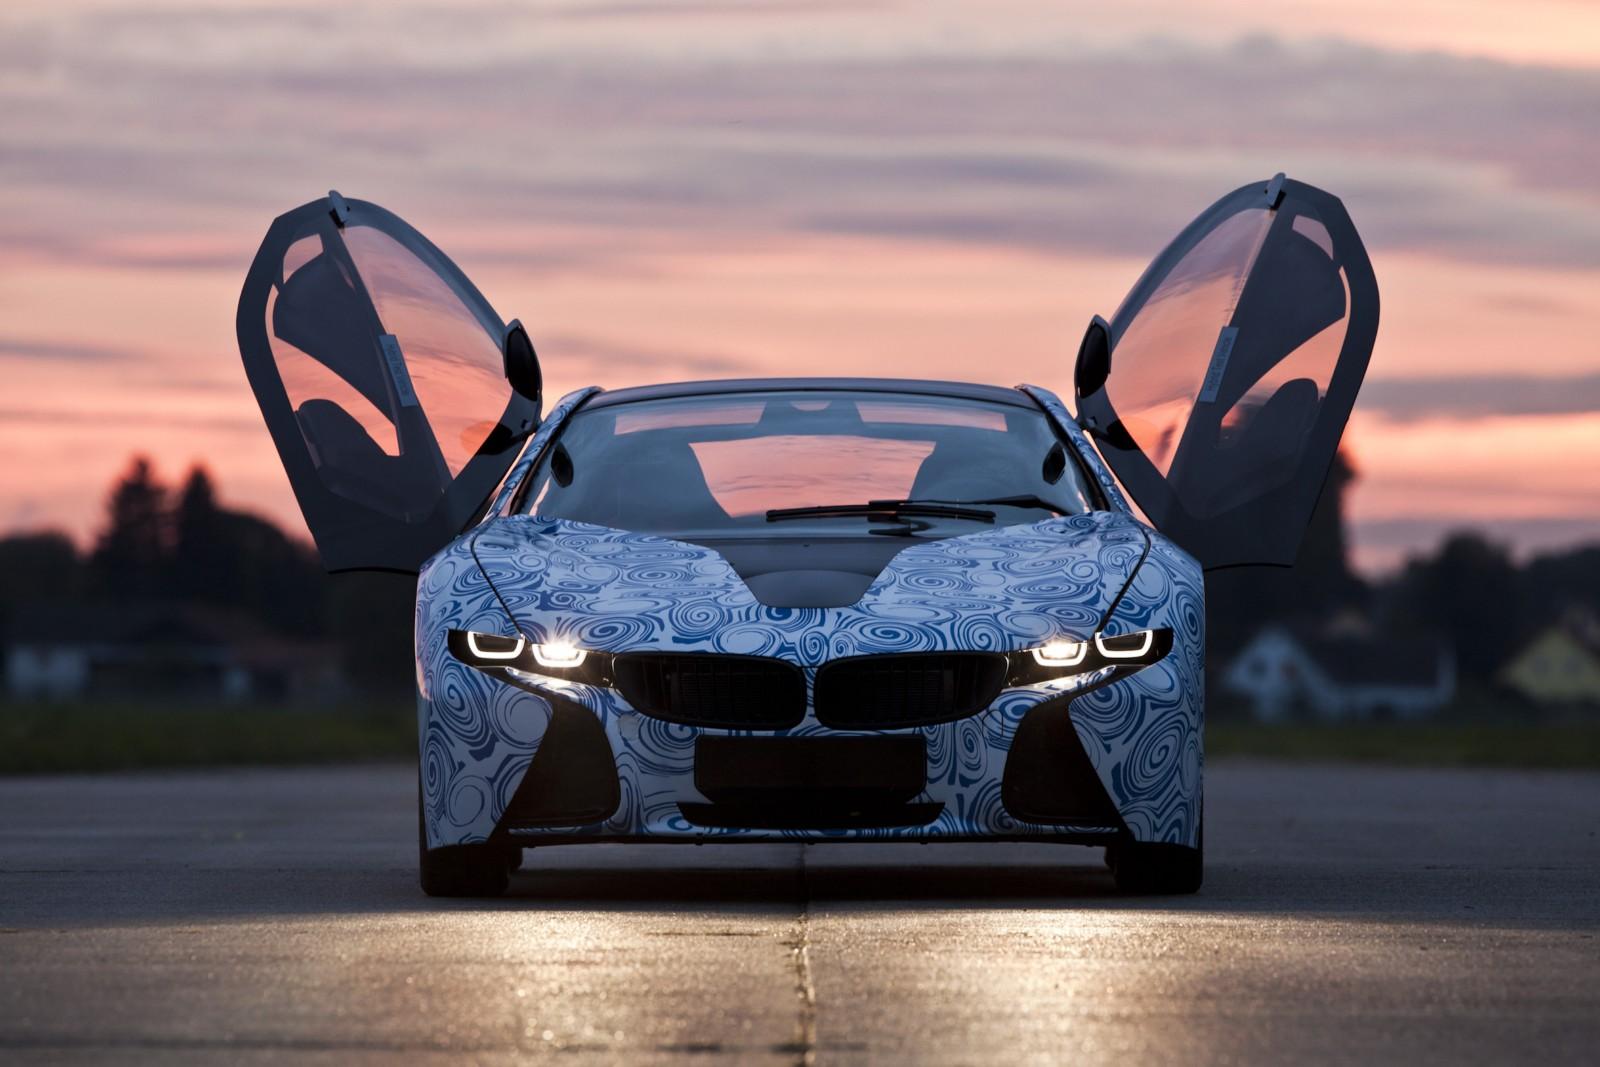 http://1.bp.blogspot.com/-t-QmR8GZvRE/Ts88S5bp1zI/AAAAAAAAAMg/d5xPqM7KA4w/s1600/BMW-i8-concept.jpg